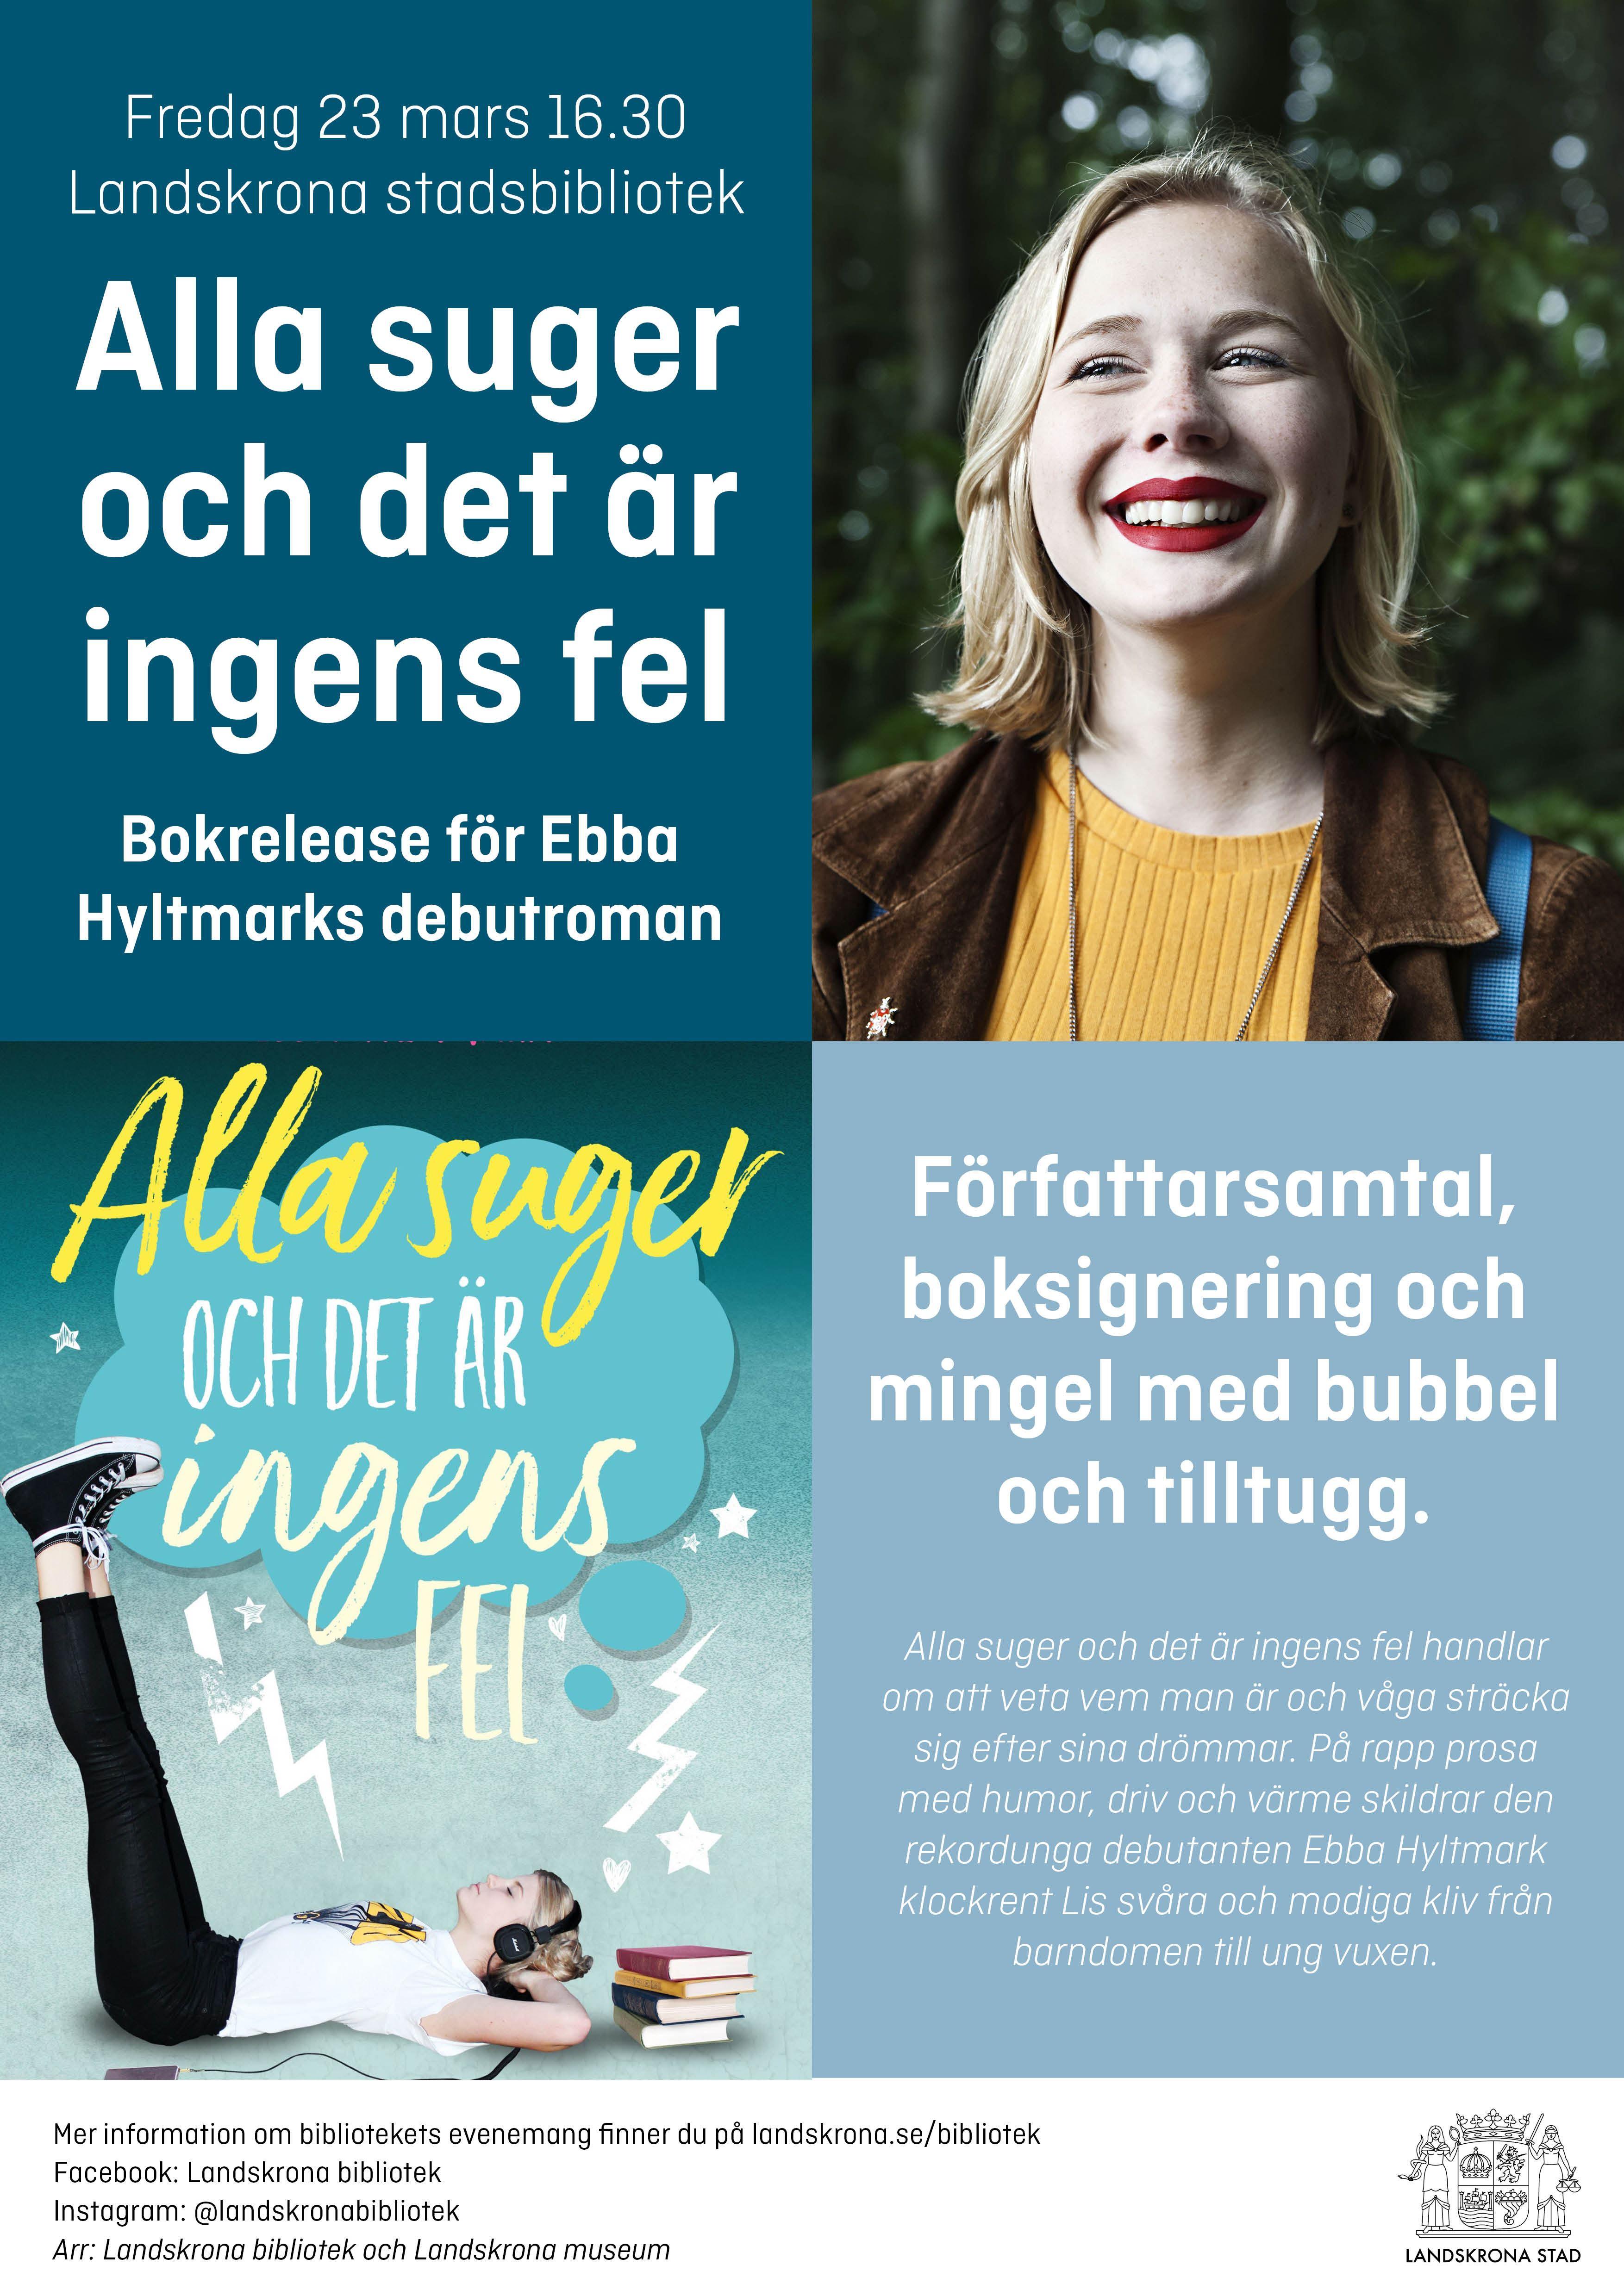 Bokrelease för Ebba Hyltmarks debutroman Alla suger och det är ingens fel